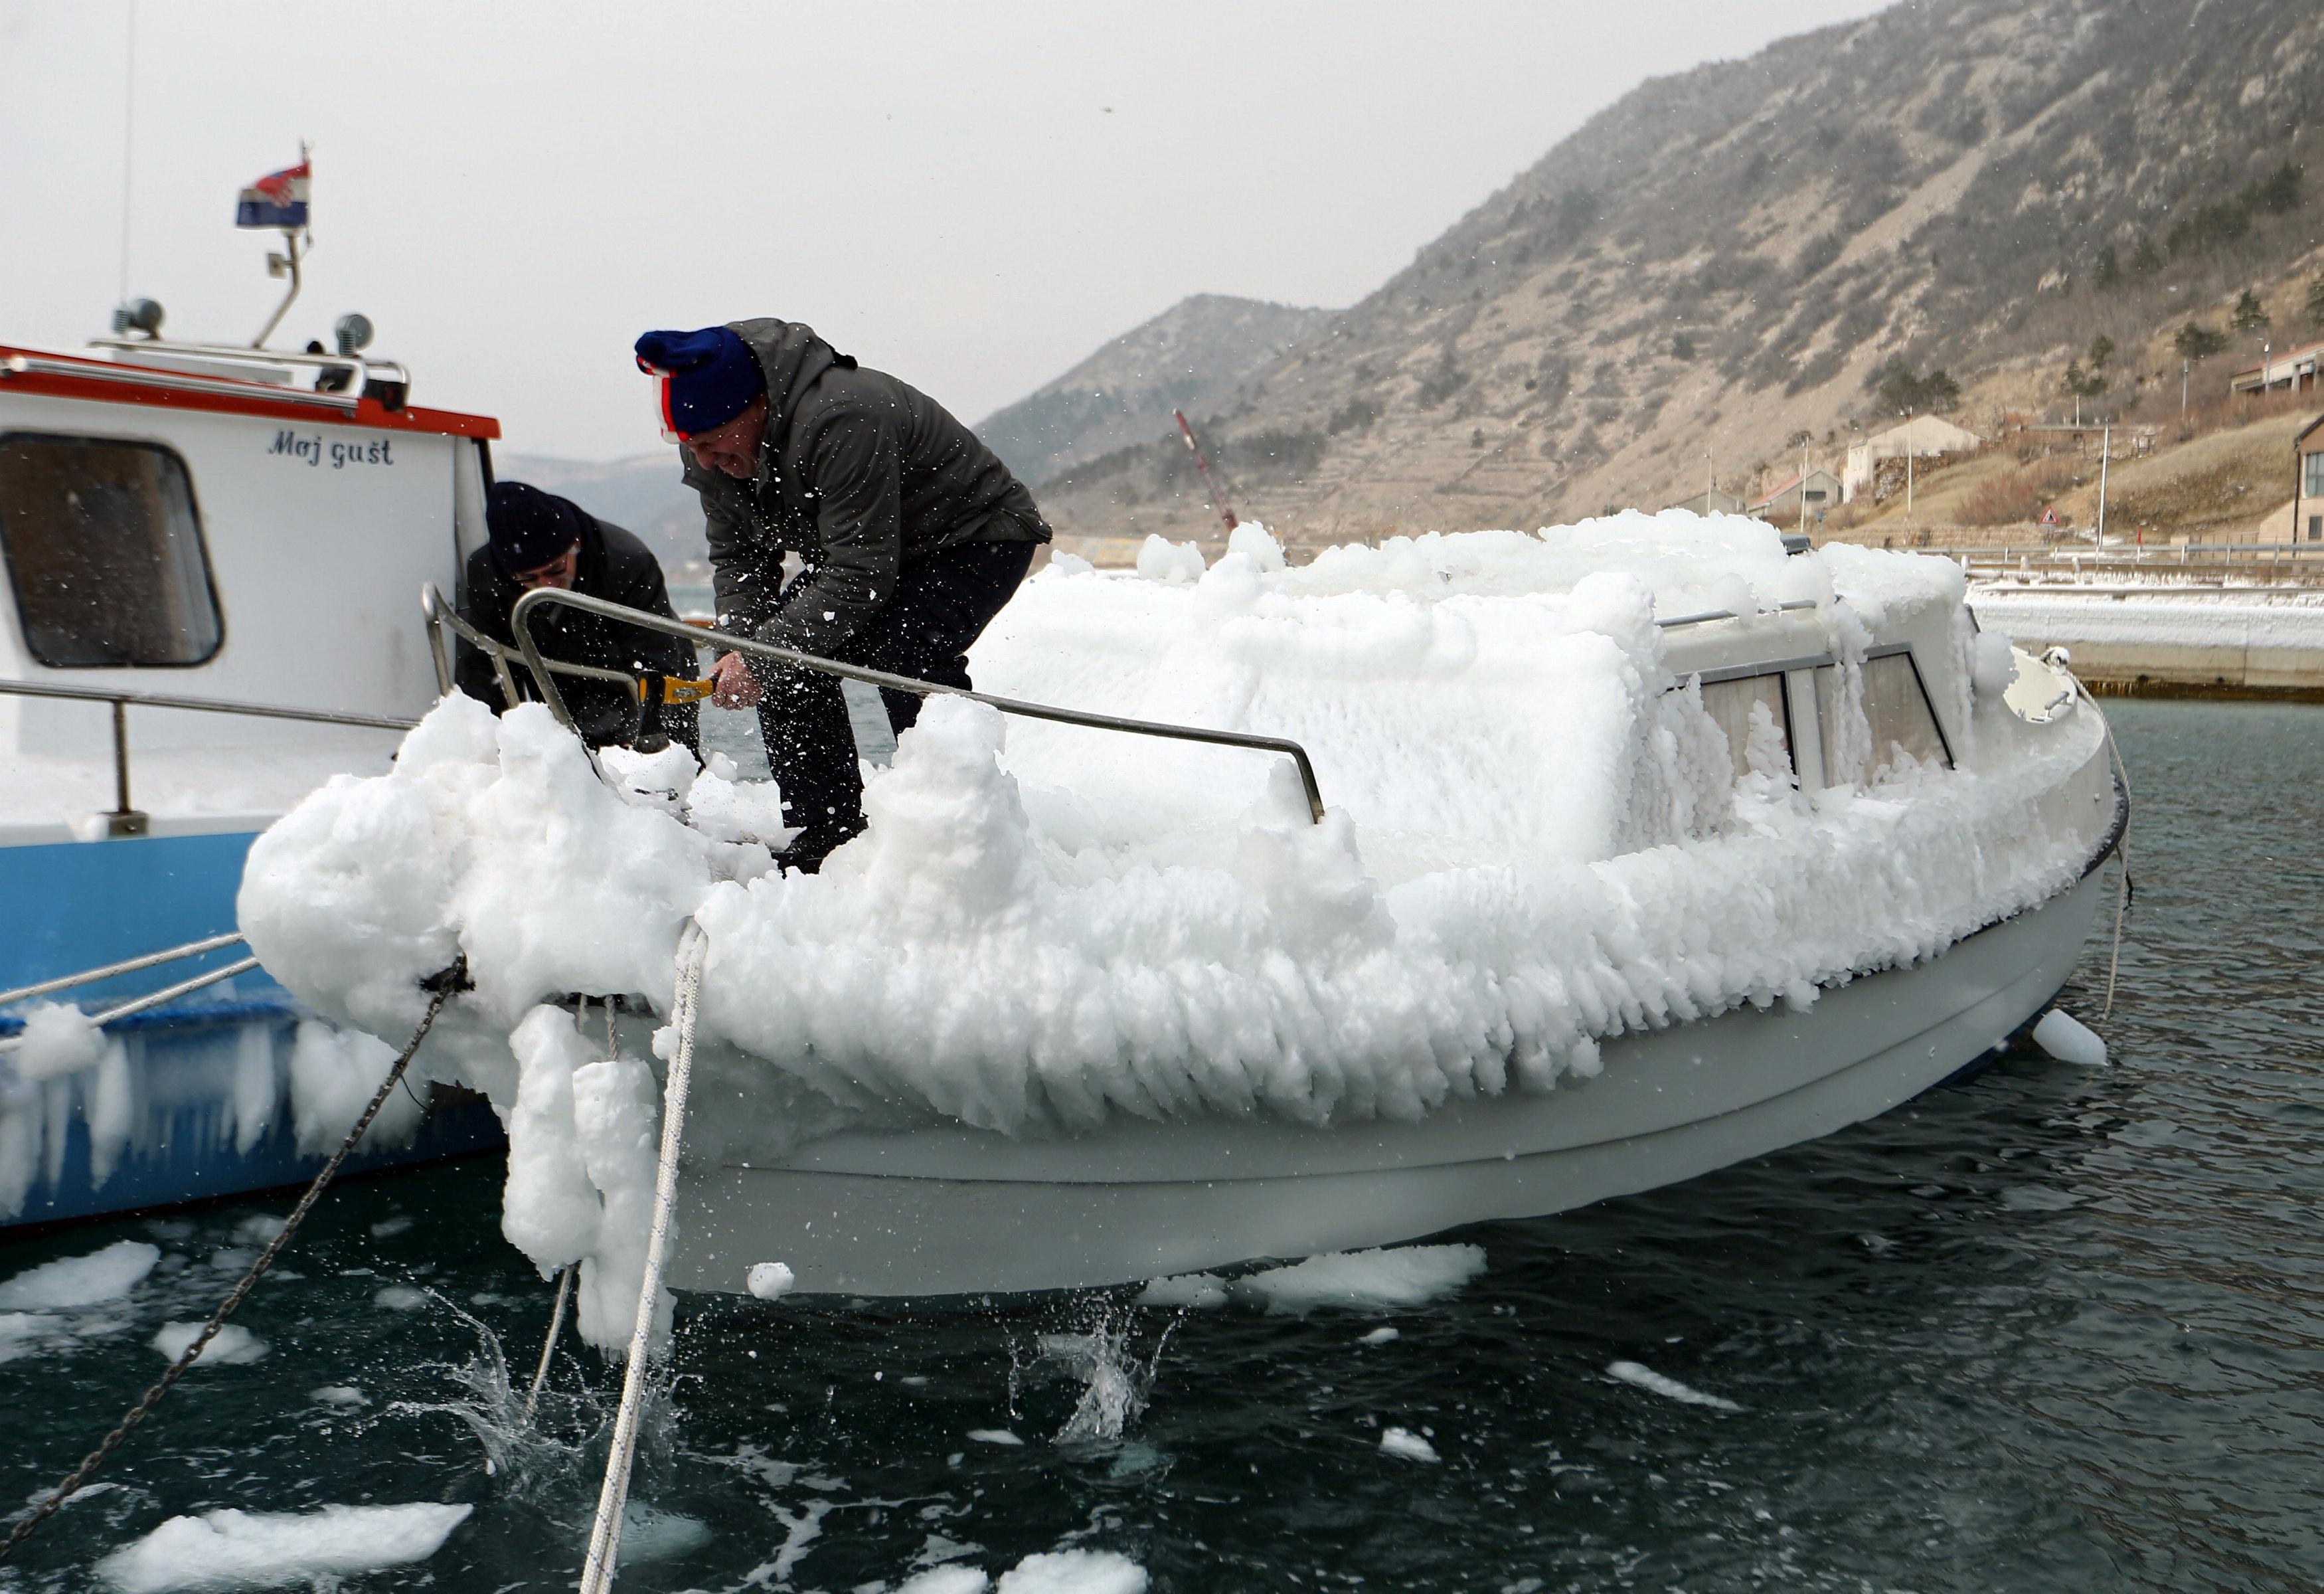 Un hombre limpia su barco enBakarac, Croacia (REUTERS/Antonio Bronic)